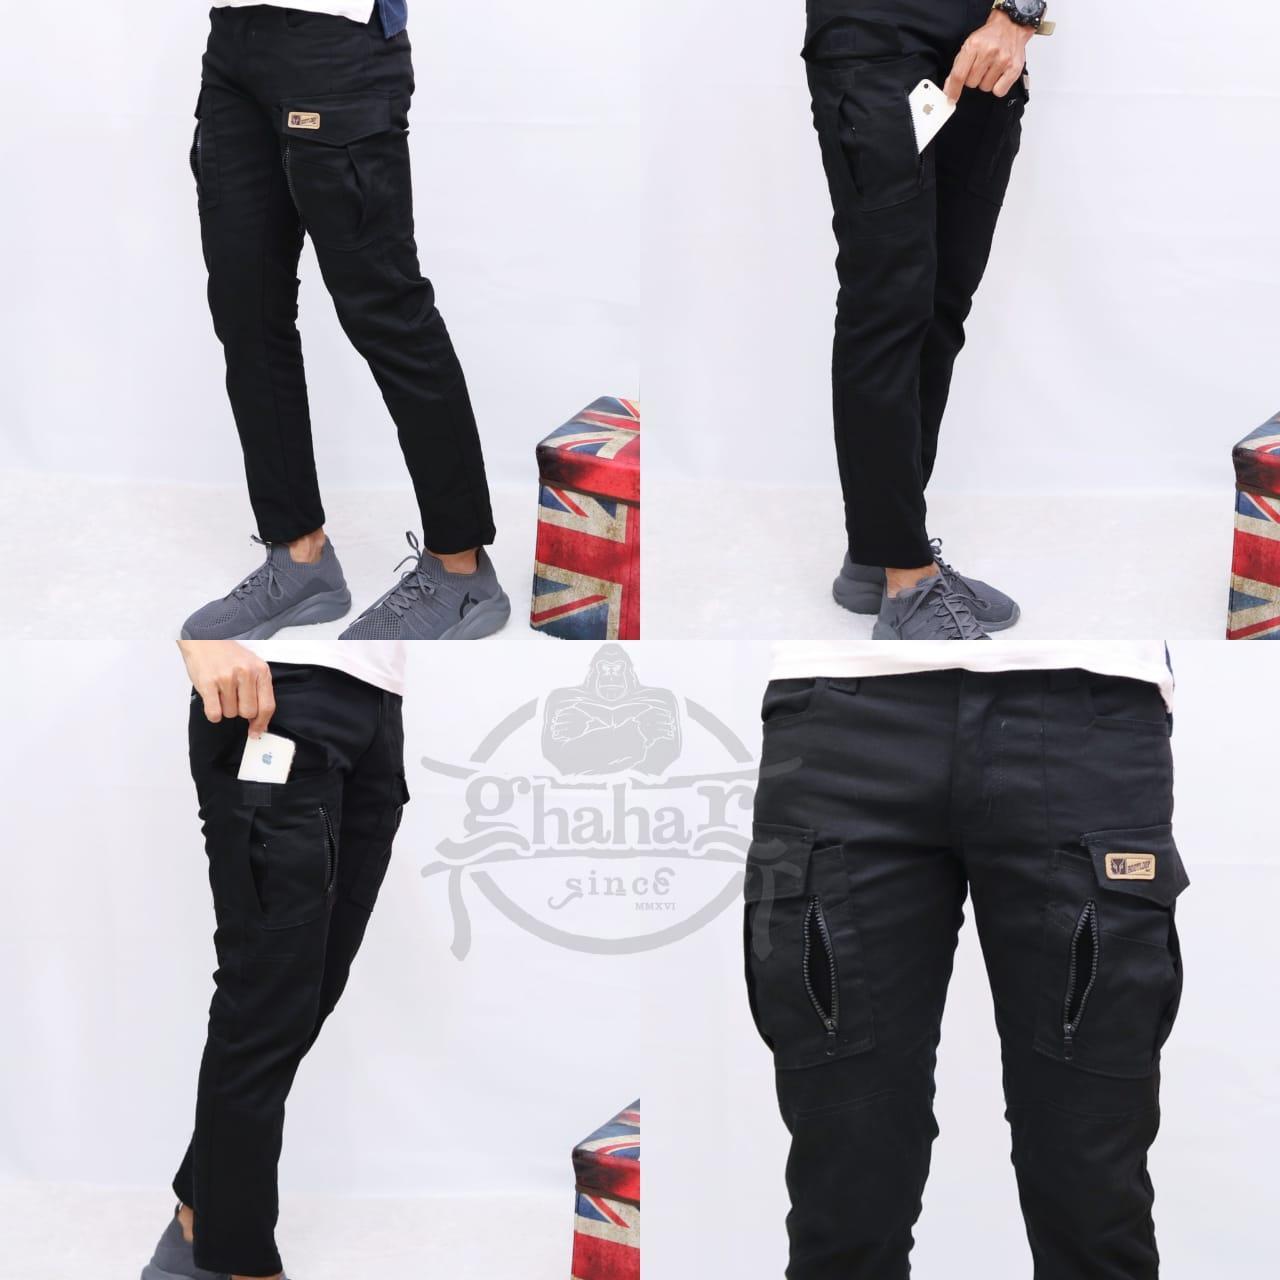 gh celana pria cargo panjang / pdl / celana gunung